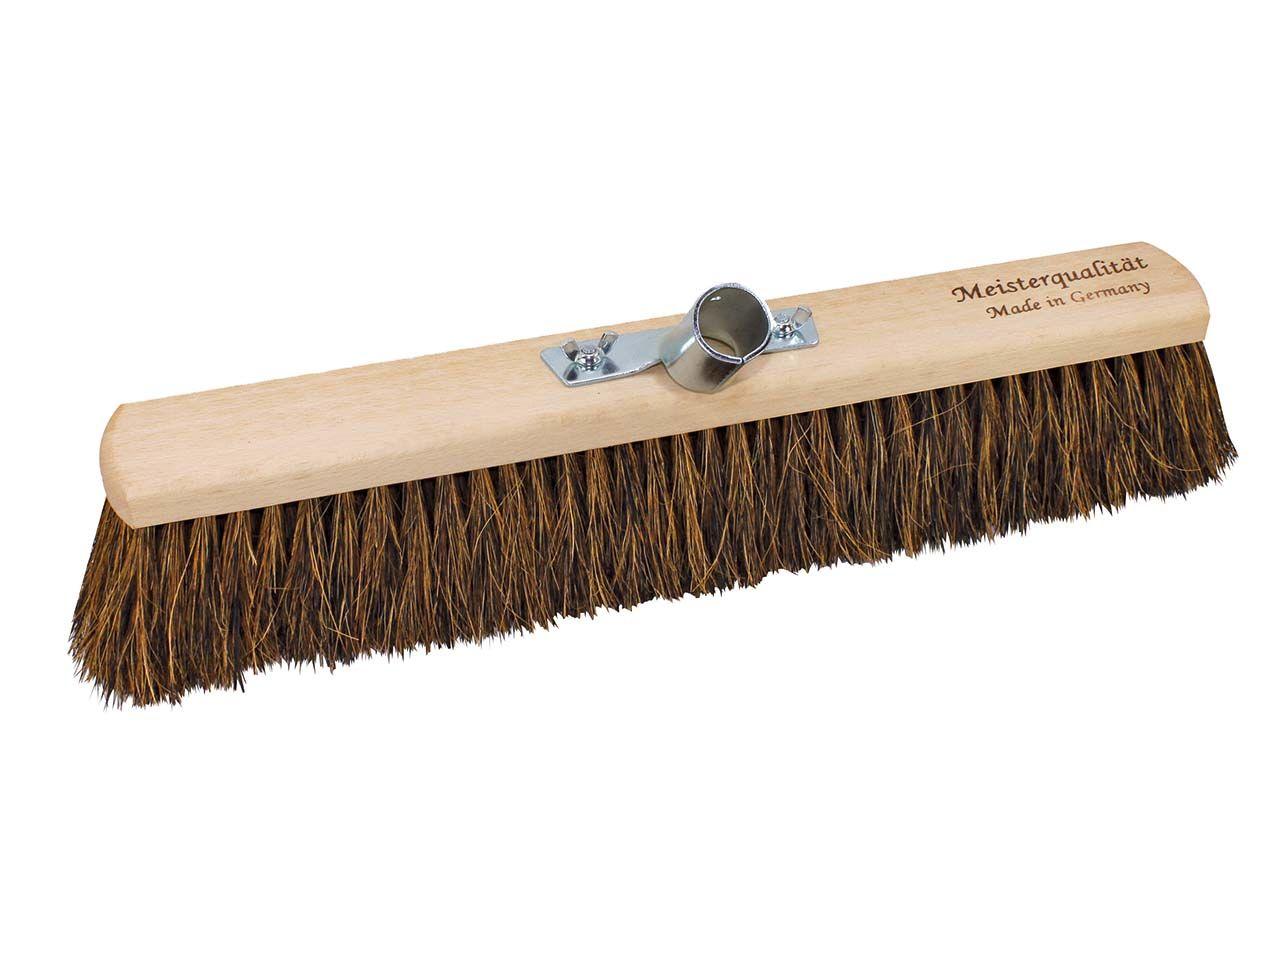 Saalbesen mit Kokos-Arengaborsten 40 cm 3416728